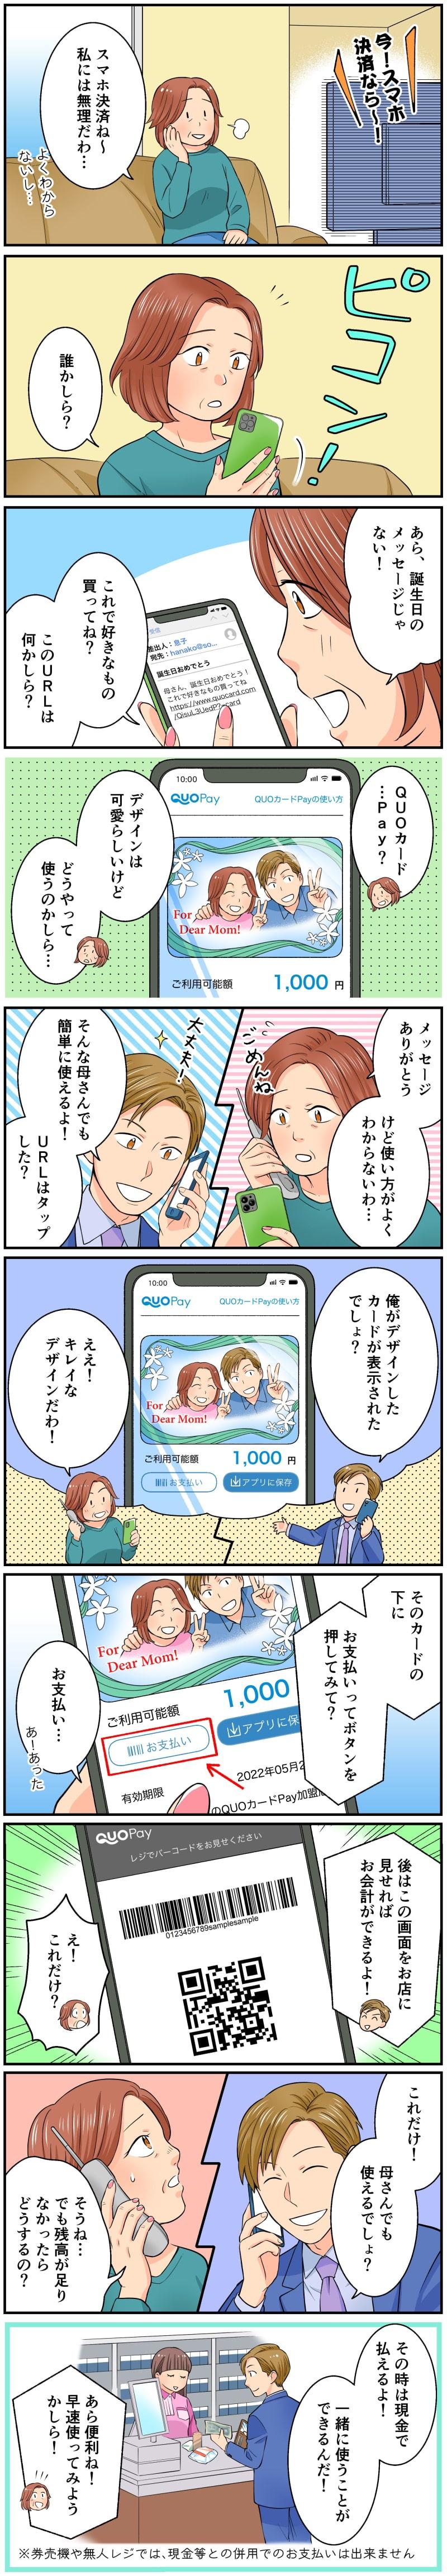 QUOカードPayサービス紹介 縦読み漫画掲載サンプル1